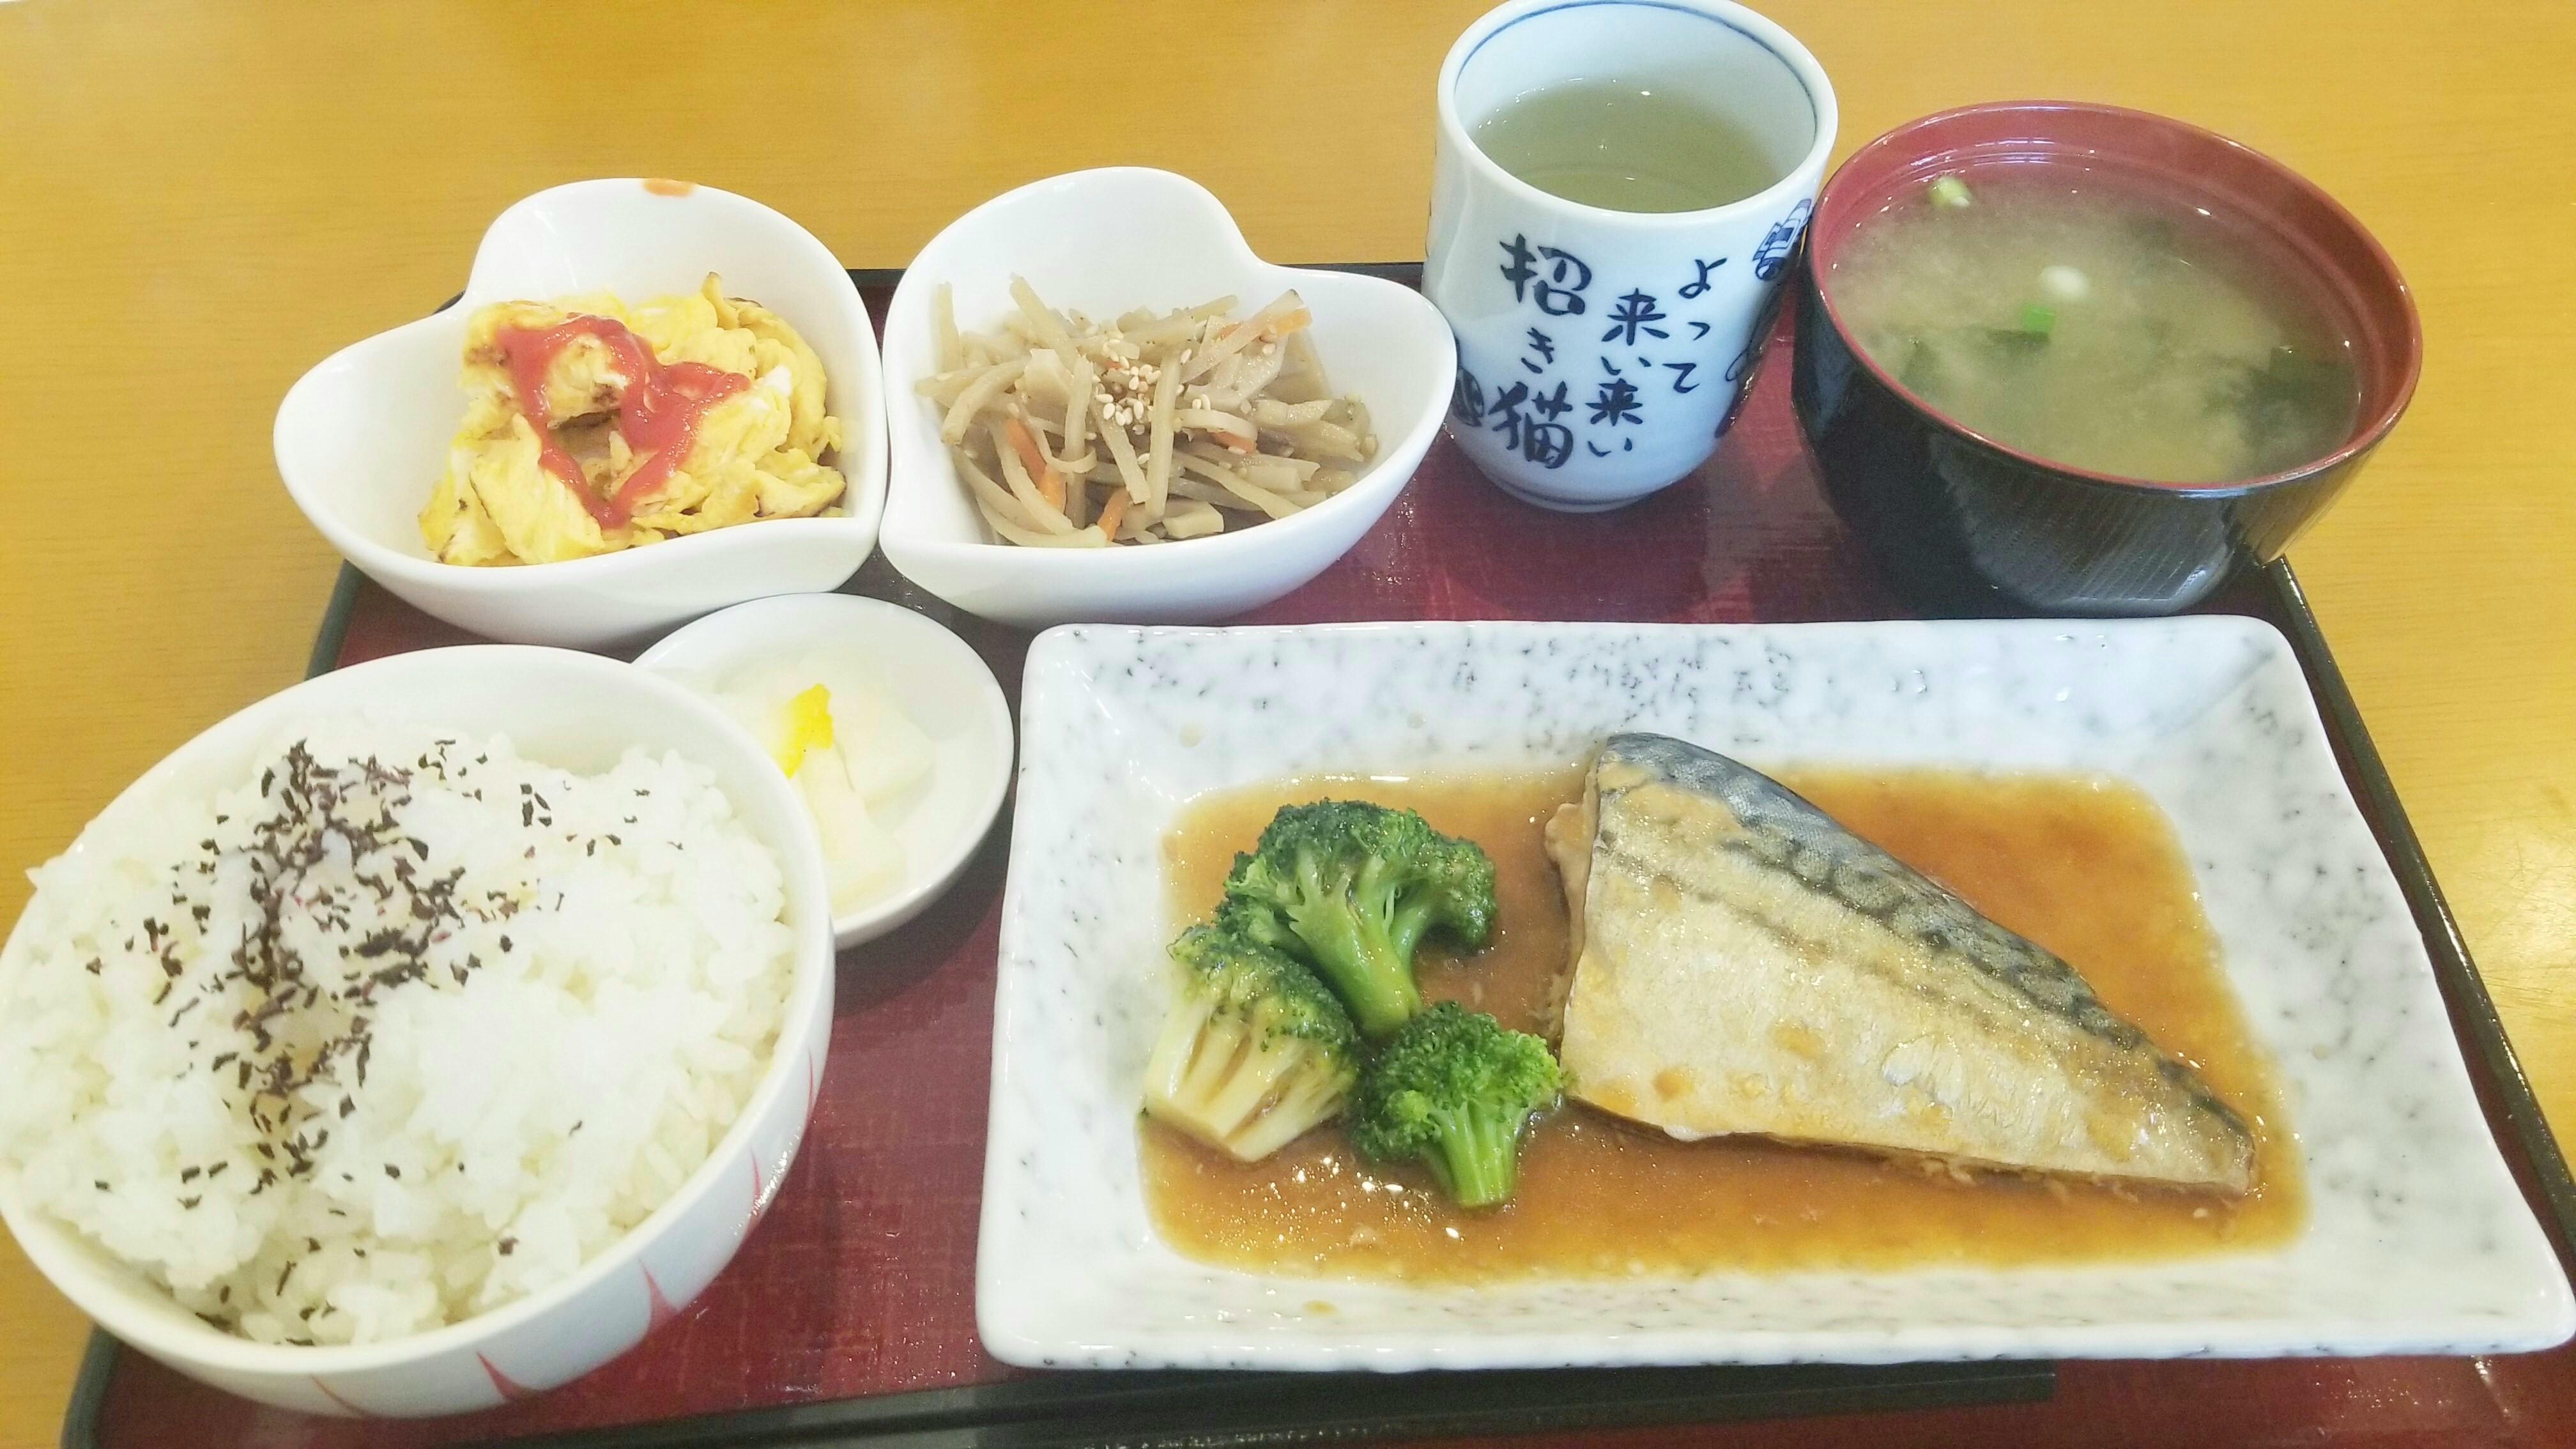 愛媛県松山市喫茶店カフェおすすめランチ安い美味しいグルメ好き